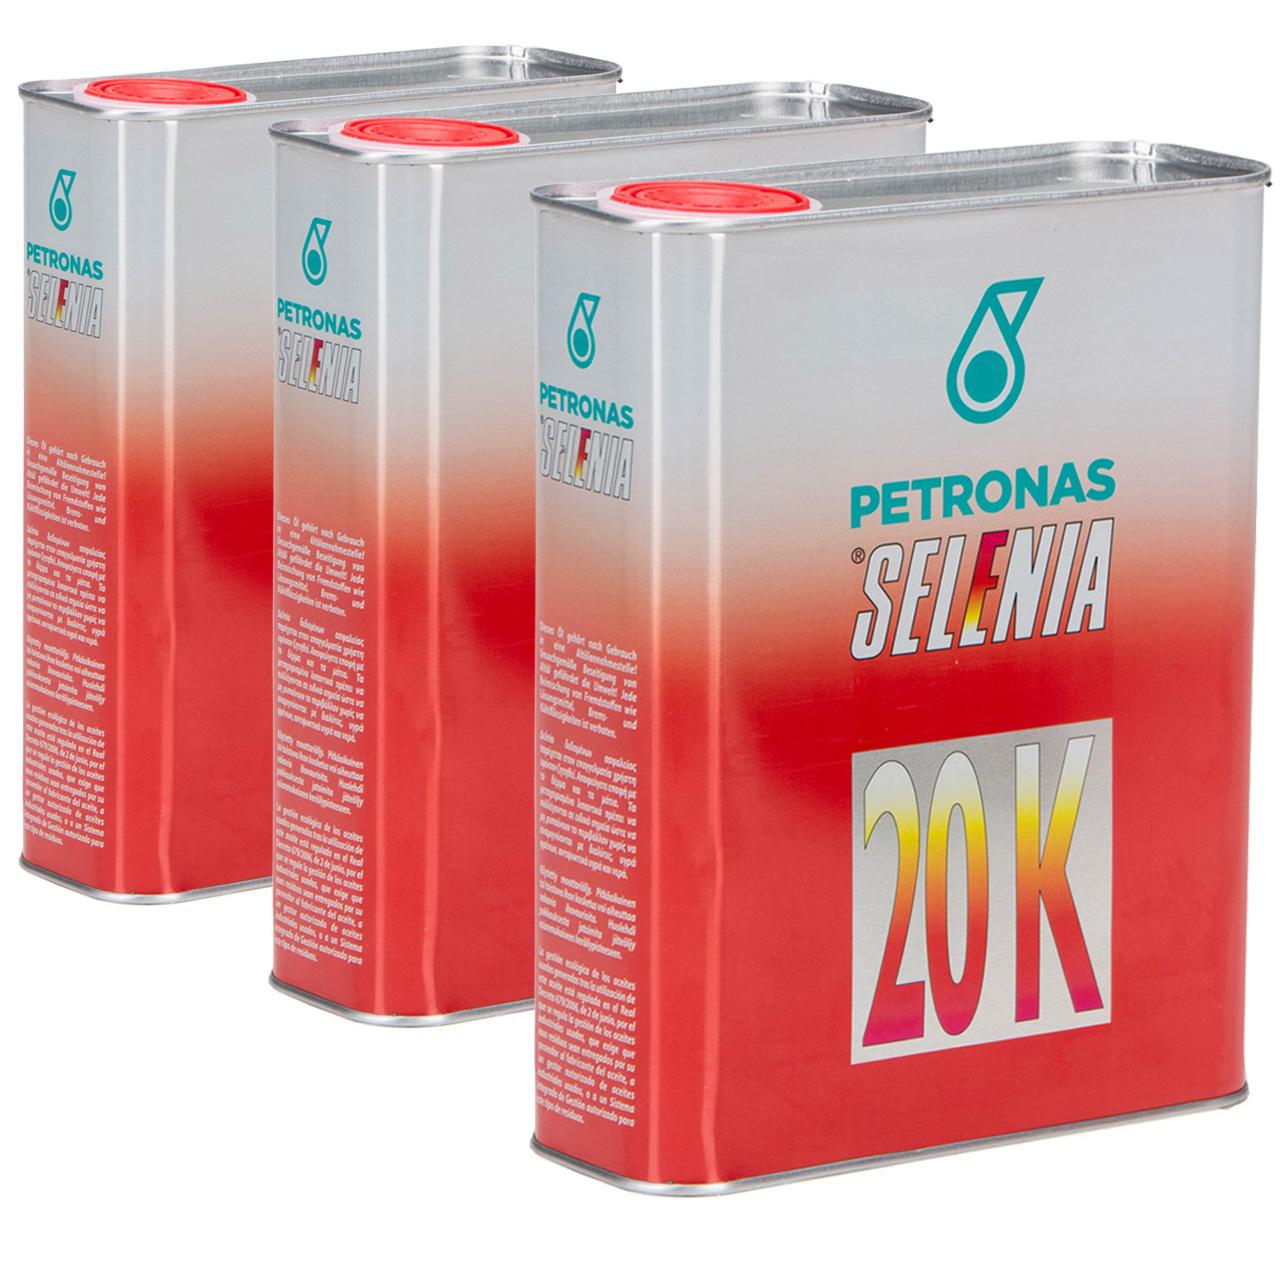 PETRONAS SELENIA Motoröl Öl 20 K 10W-40 10W40 Fat 9.5535-G2/2015 - 6L 6 Liter